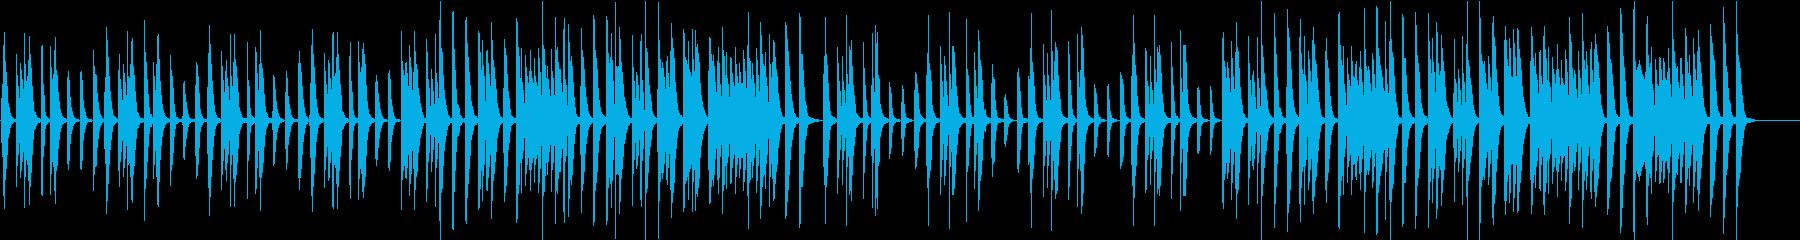 ほのぼのカワイイ子供/動物場面ピアノソロの再生済みの波形